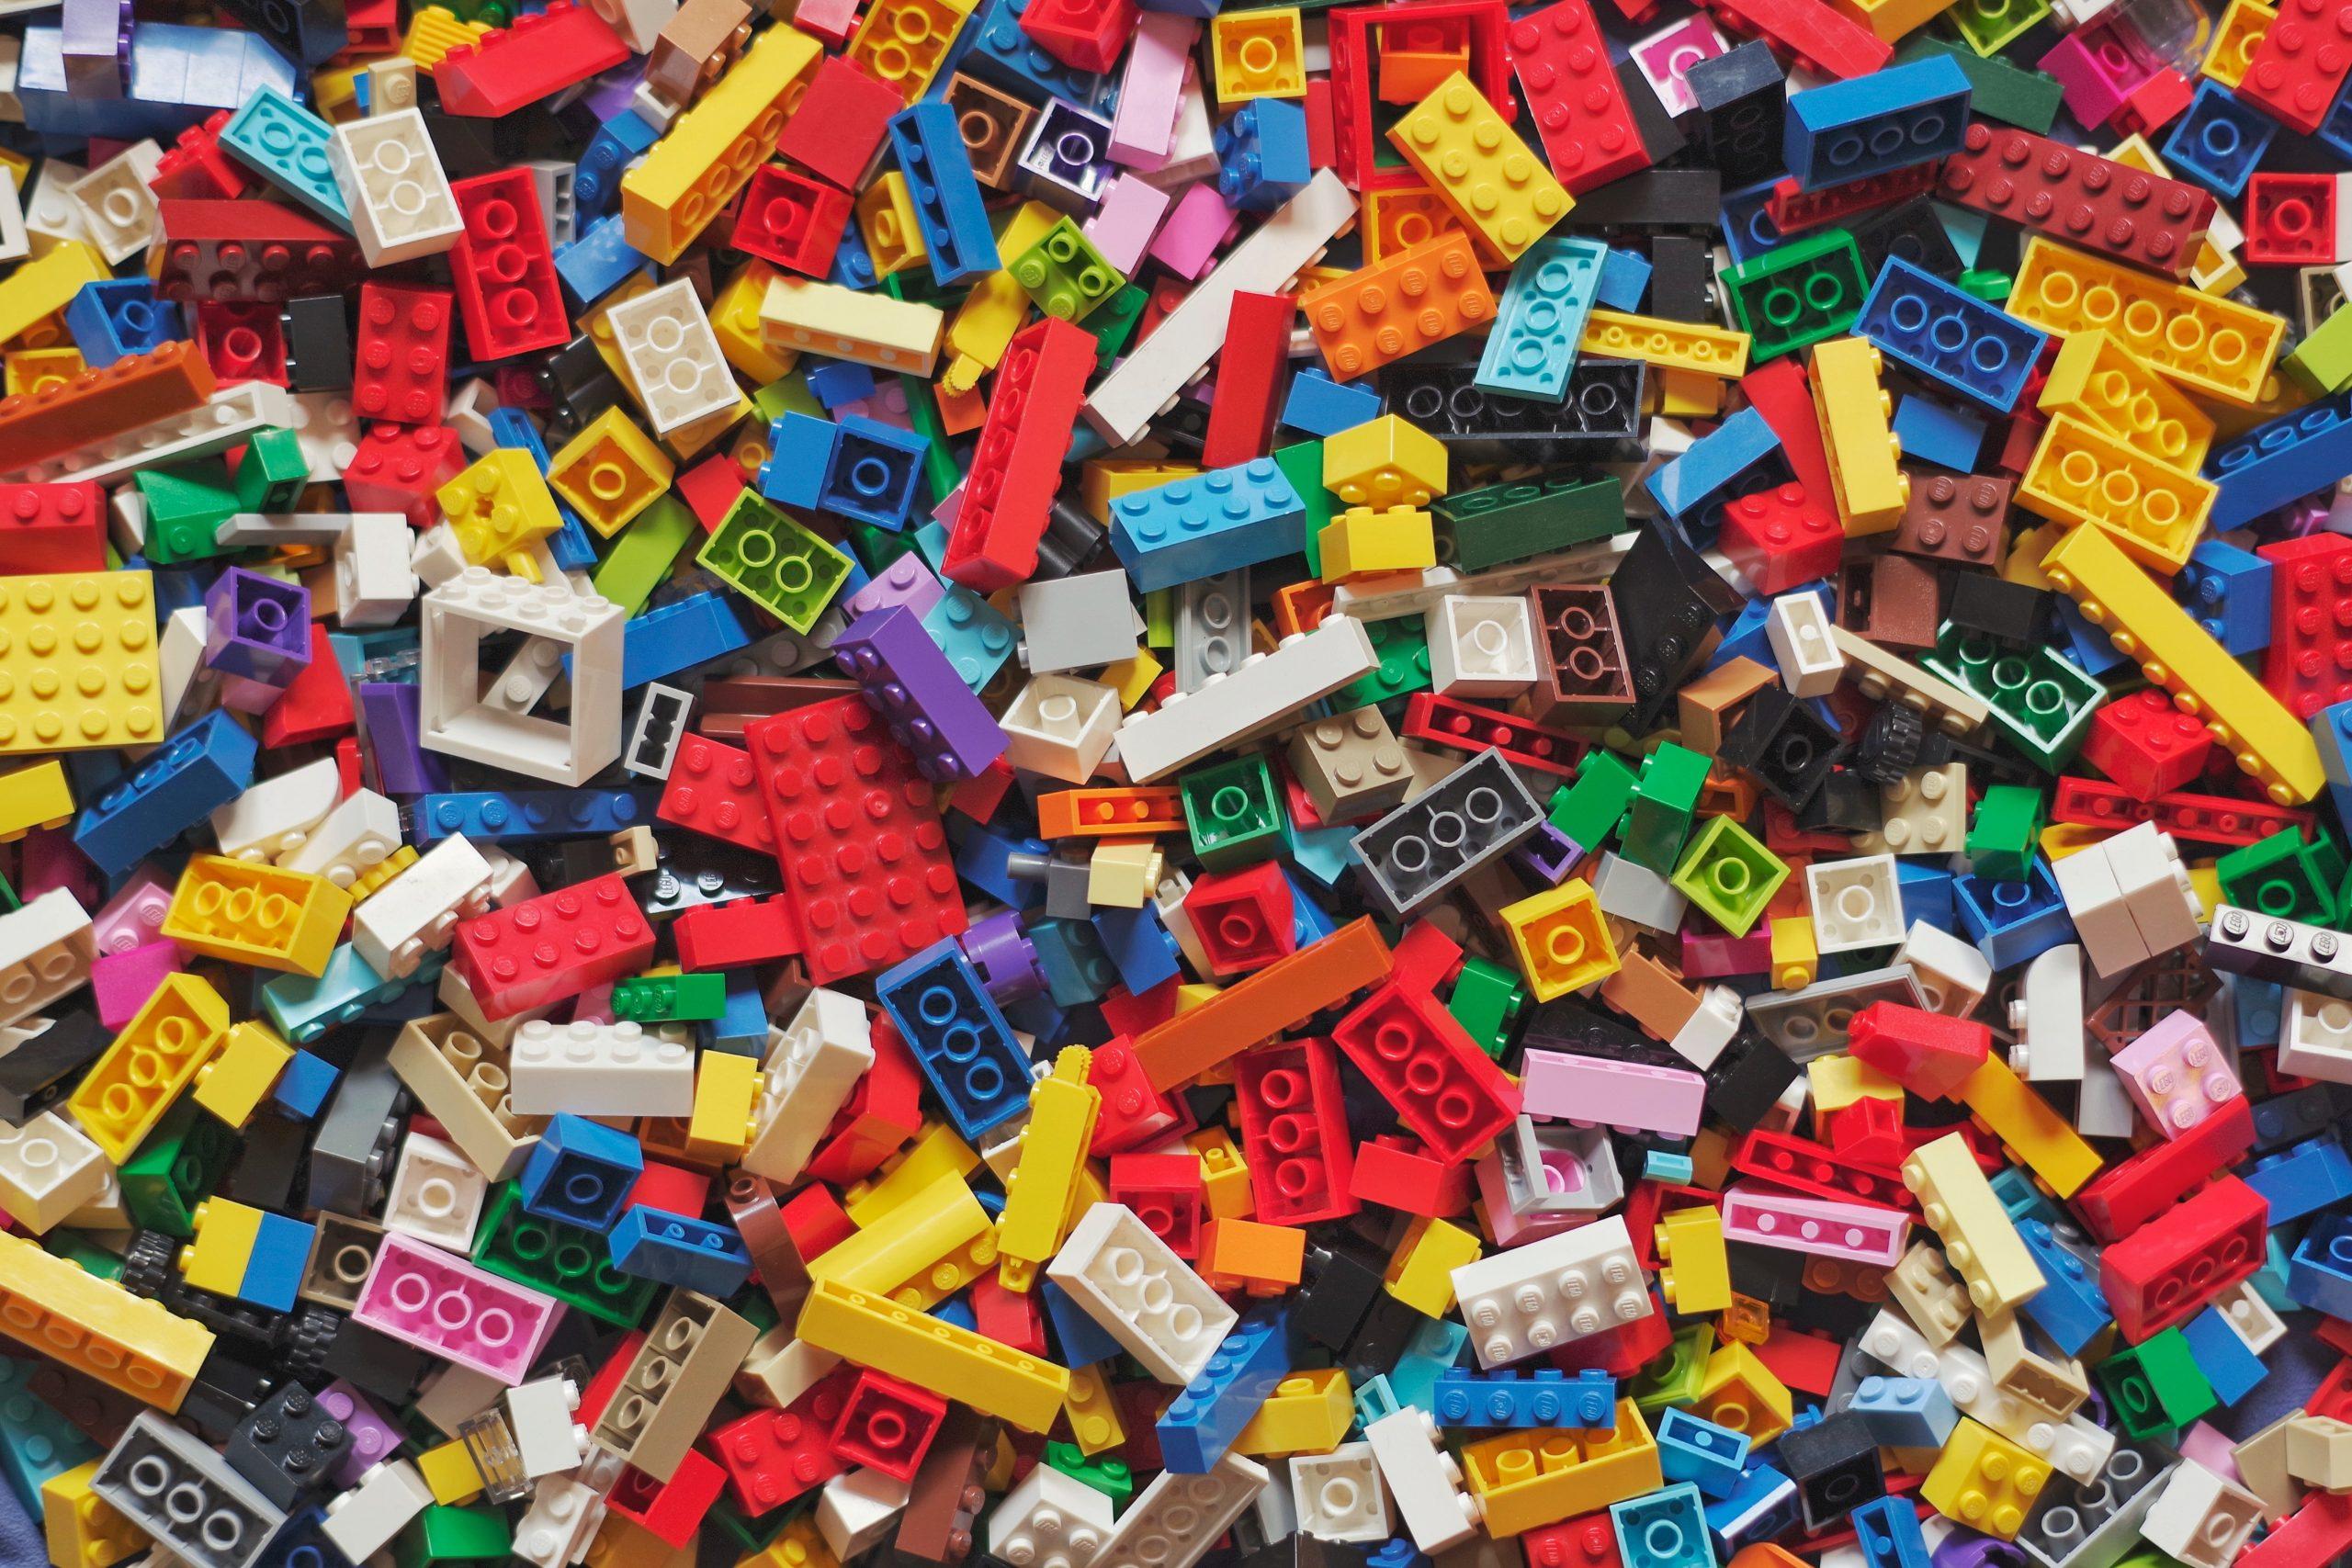 L'ouverture d'un Legoland Discovery Center à Bruxelles en 2022 ne remet pas en cause l'étude du projet d'implantation d'un parc Legoland sur l'ancien site de Caterpillar